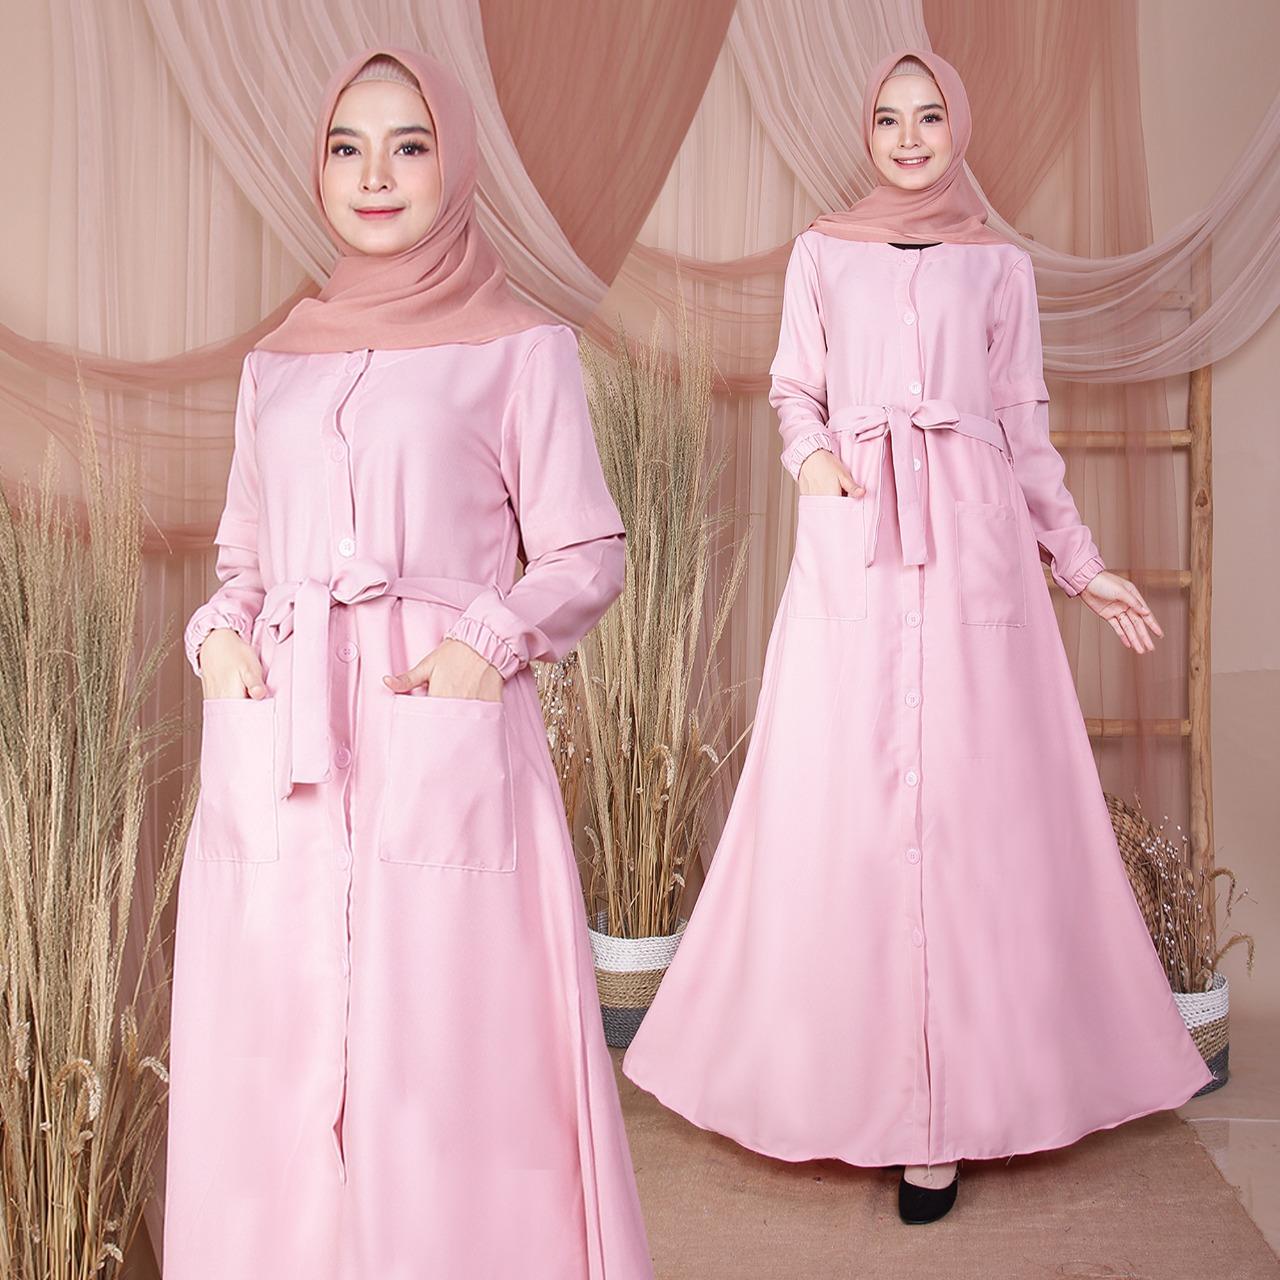 Bisa Cod Promo Gamis Aisyah Baju Muslim Original Kancing Hidup Moscrepe Fashion Motif Model Terbaru 2020 Gamis Panjang Wanita Trendy Busui Friendly Dress Remaja Kekinian Grosir Termurah Hijab Muslimah Syar Amp 39 I Syari